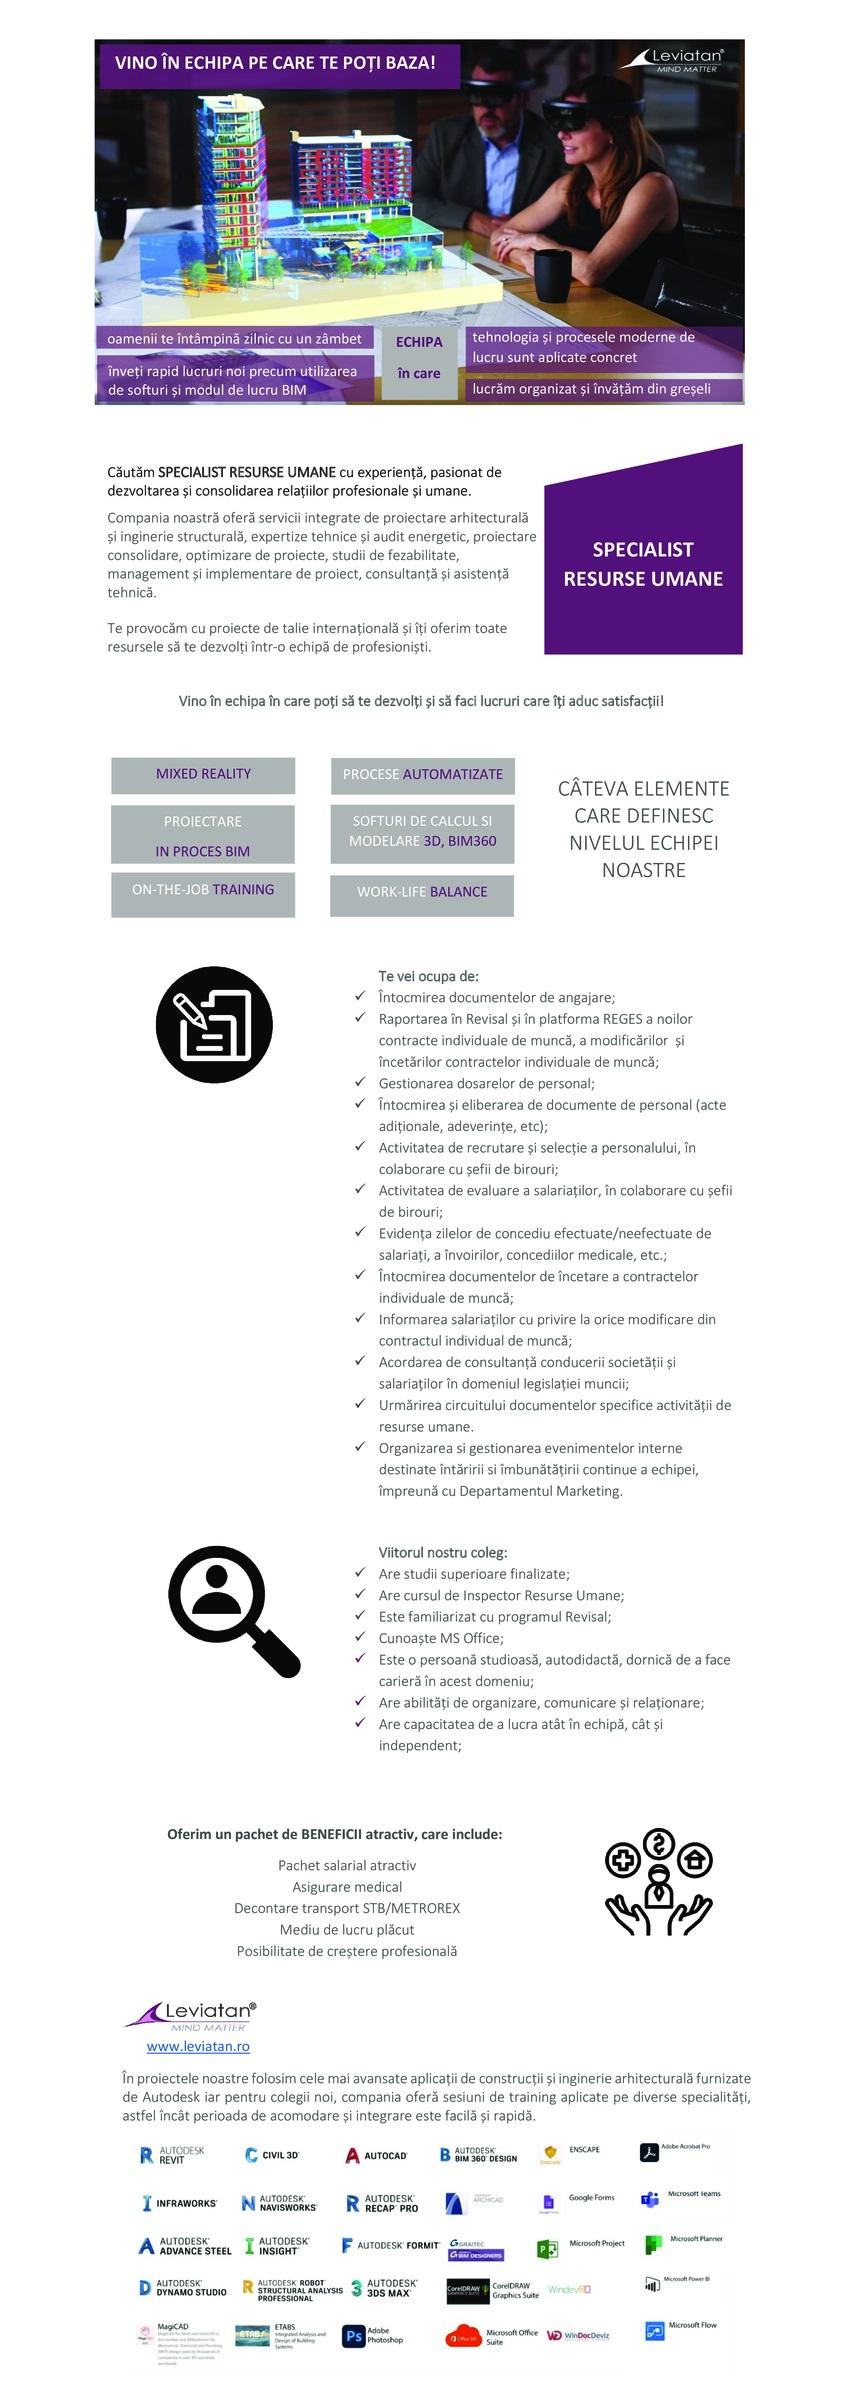 Viitorul nostru coleg:  Are studii superioare finalizate; Are cursul de Inspector Resurse Umane; Este familiarizat cu programul Revisal; Cunoaște MS Office; Este o persoană studioasă, autodidactă, dornică de a face carieră în acest domeniu; Are abilități de organizare, comunicare și relaționare; Are capacitatea de a lucra atât în echipă, cât și independent; Întocmirea documentelor de angajare; Raportarea în Revisal și în platforma REGES a noilor contracte individuale de muncă, a modificărilor și încetărilor contractelor individuale de muncă; Gestionarea dosarelor de personal; Întocmirea și eliberarea de documente de personal (acte adiționale, adeverințe, etc); Activitatea de recrutare și selecție a personalului, în colaborare cu șefii de birouri; Activitatea de evaluare a salariaților, în colaborare cu șefii de birouri; Evidența zilelor de concediu efectuate/neefectuate de salariați, a învoirilor, concediilor medicale, etc.; Întocmirea documentelor de încetare a contractelor individuale de muncă; Informarea salariaților cu privire la orice modificare din contractul individual de muncă; Acordarea de consultanță conducerii societății și salariaților în domeniul legislației muncii; Urmărirea circuitului documentelor specifice activității de resurse umane. Organizarea si gestionarea evenimentelor interne destinate întăririi si îmbunătățirii continue a echipei, împreună cu Departamentul Marketing.  Oferim un pachet de BENEFICII atractiv, care include:  Pachet salarial atractiv Asigurare medical Decontare transport STB/METROREX Mediu de lucru plăcut Posibilitate de creștere profesională Suntem o echipa de profesionisti ce include arhitecti, ingineri structuristi, designeri, ingineri de instalatii, manageri de proiect care ofera calitate fiecarui proiect pe care il dezvolta, avand ca scop comun furnizarea de valoare si rezultate, de servicii profesionale, precum si de solutii sustenabile si inovatoare pentru orice client.Ne-am inceput activitatea in 2008, iar in conditii d